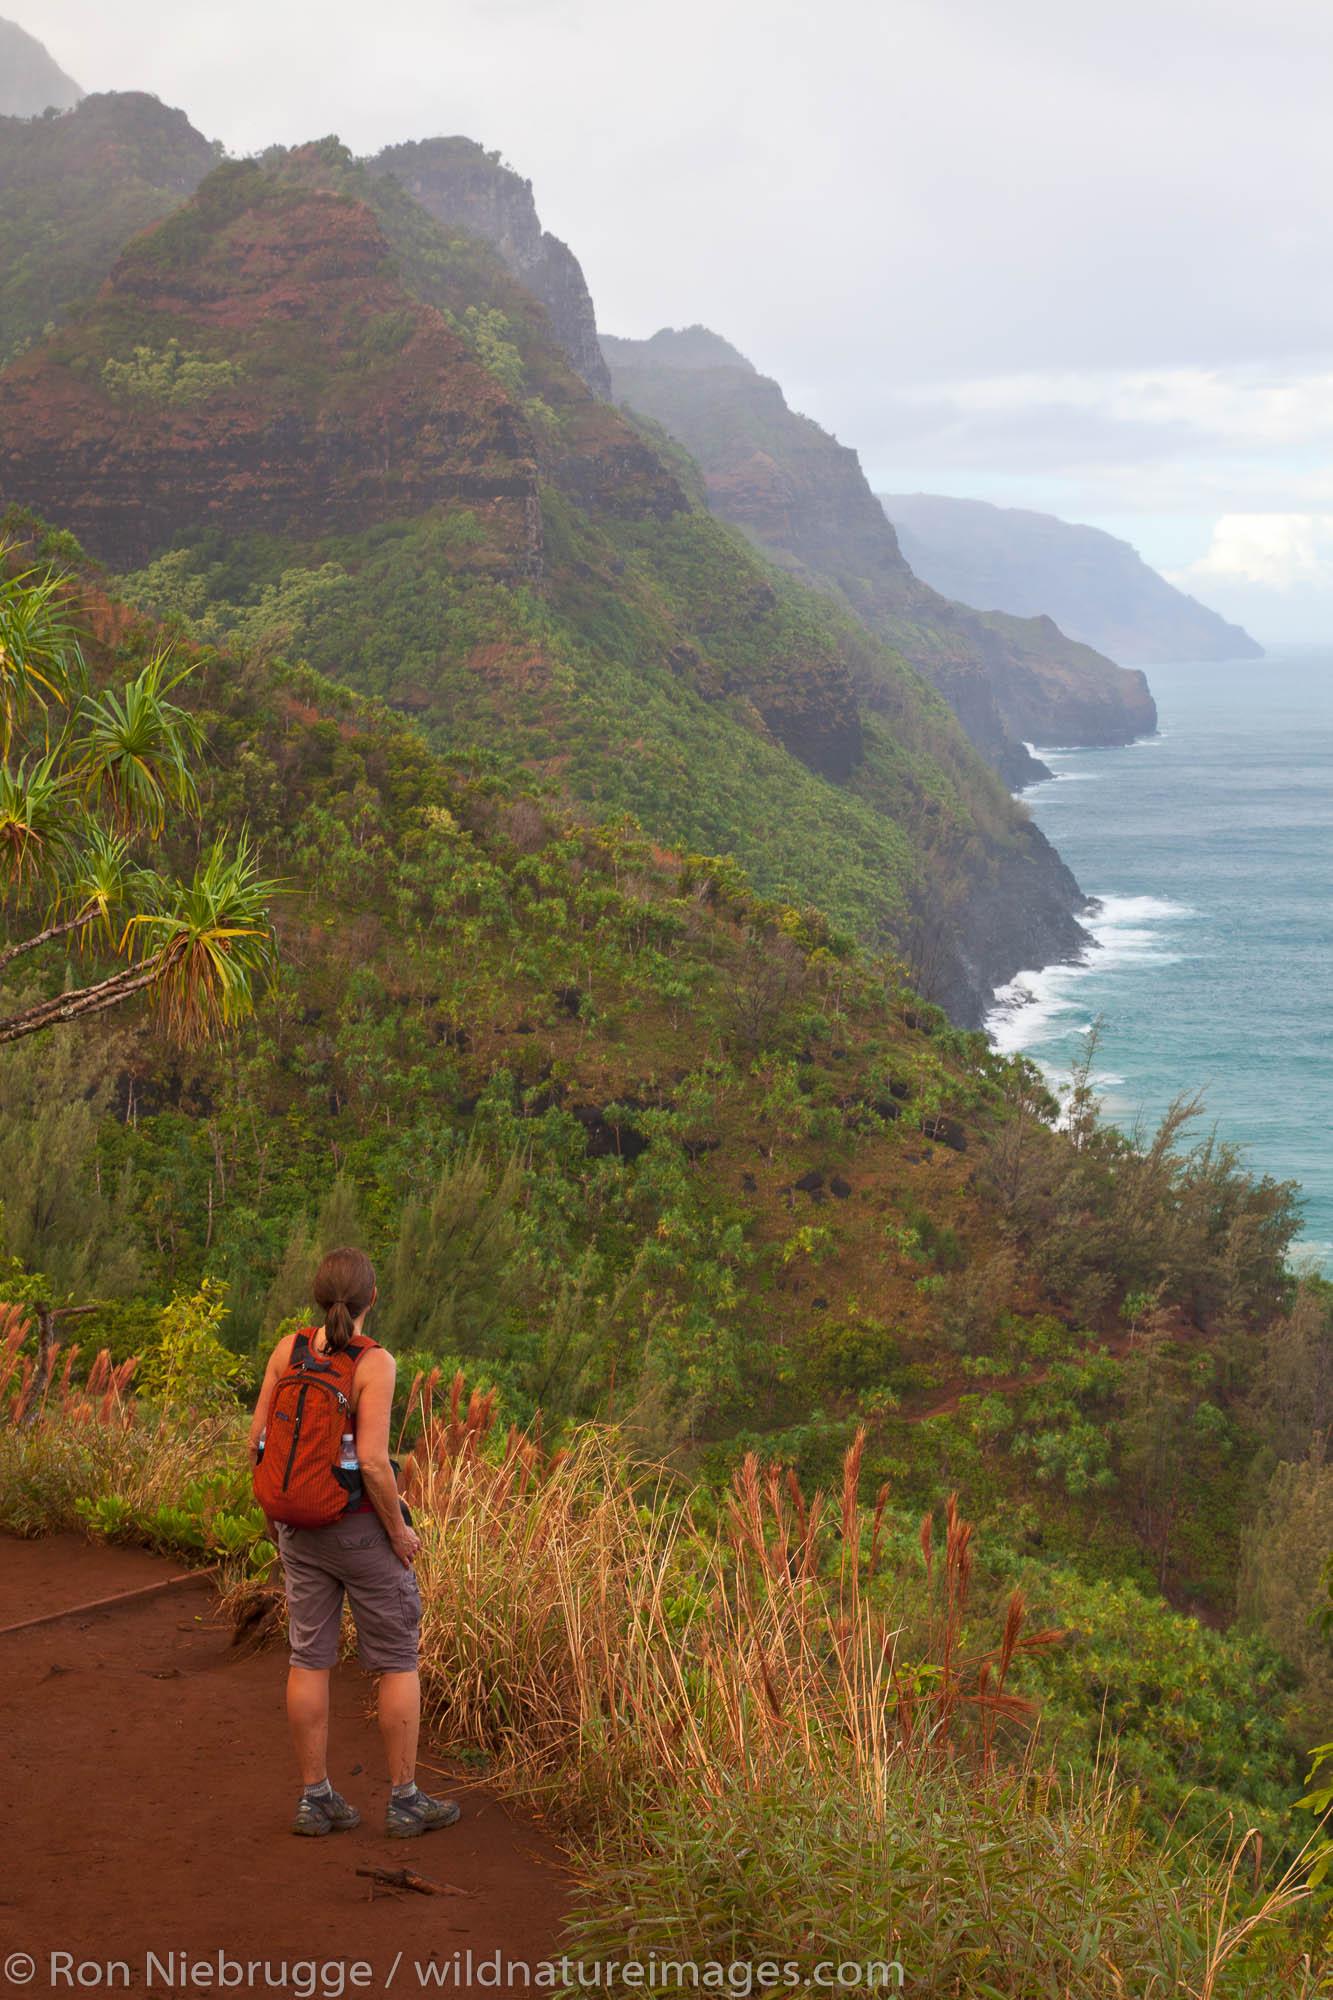 A hiker on the Kalalau Trail, Na Pali Coast, Kauai, Hawaii.  (model released)